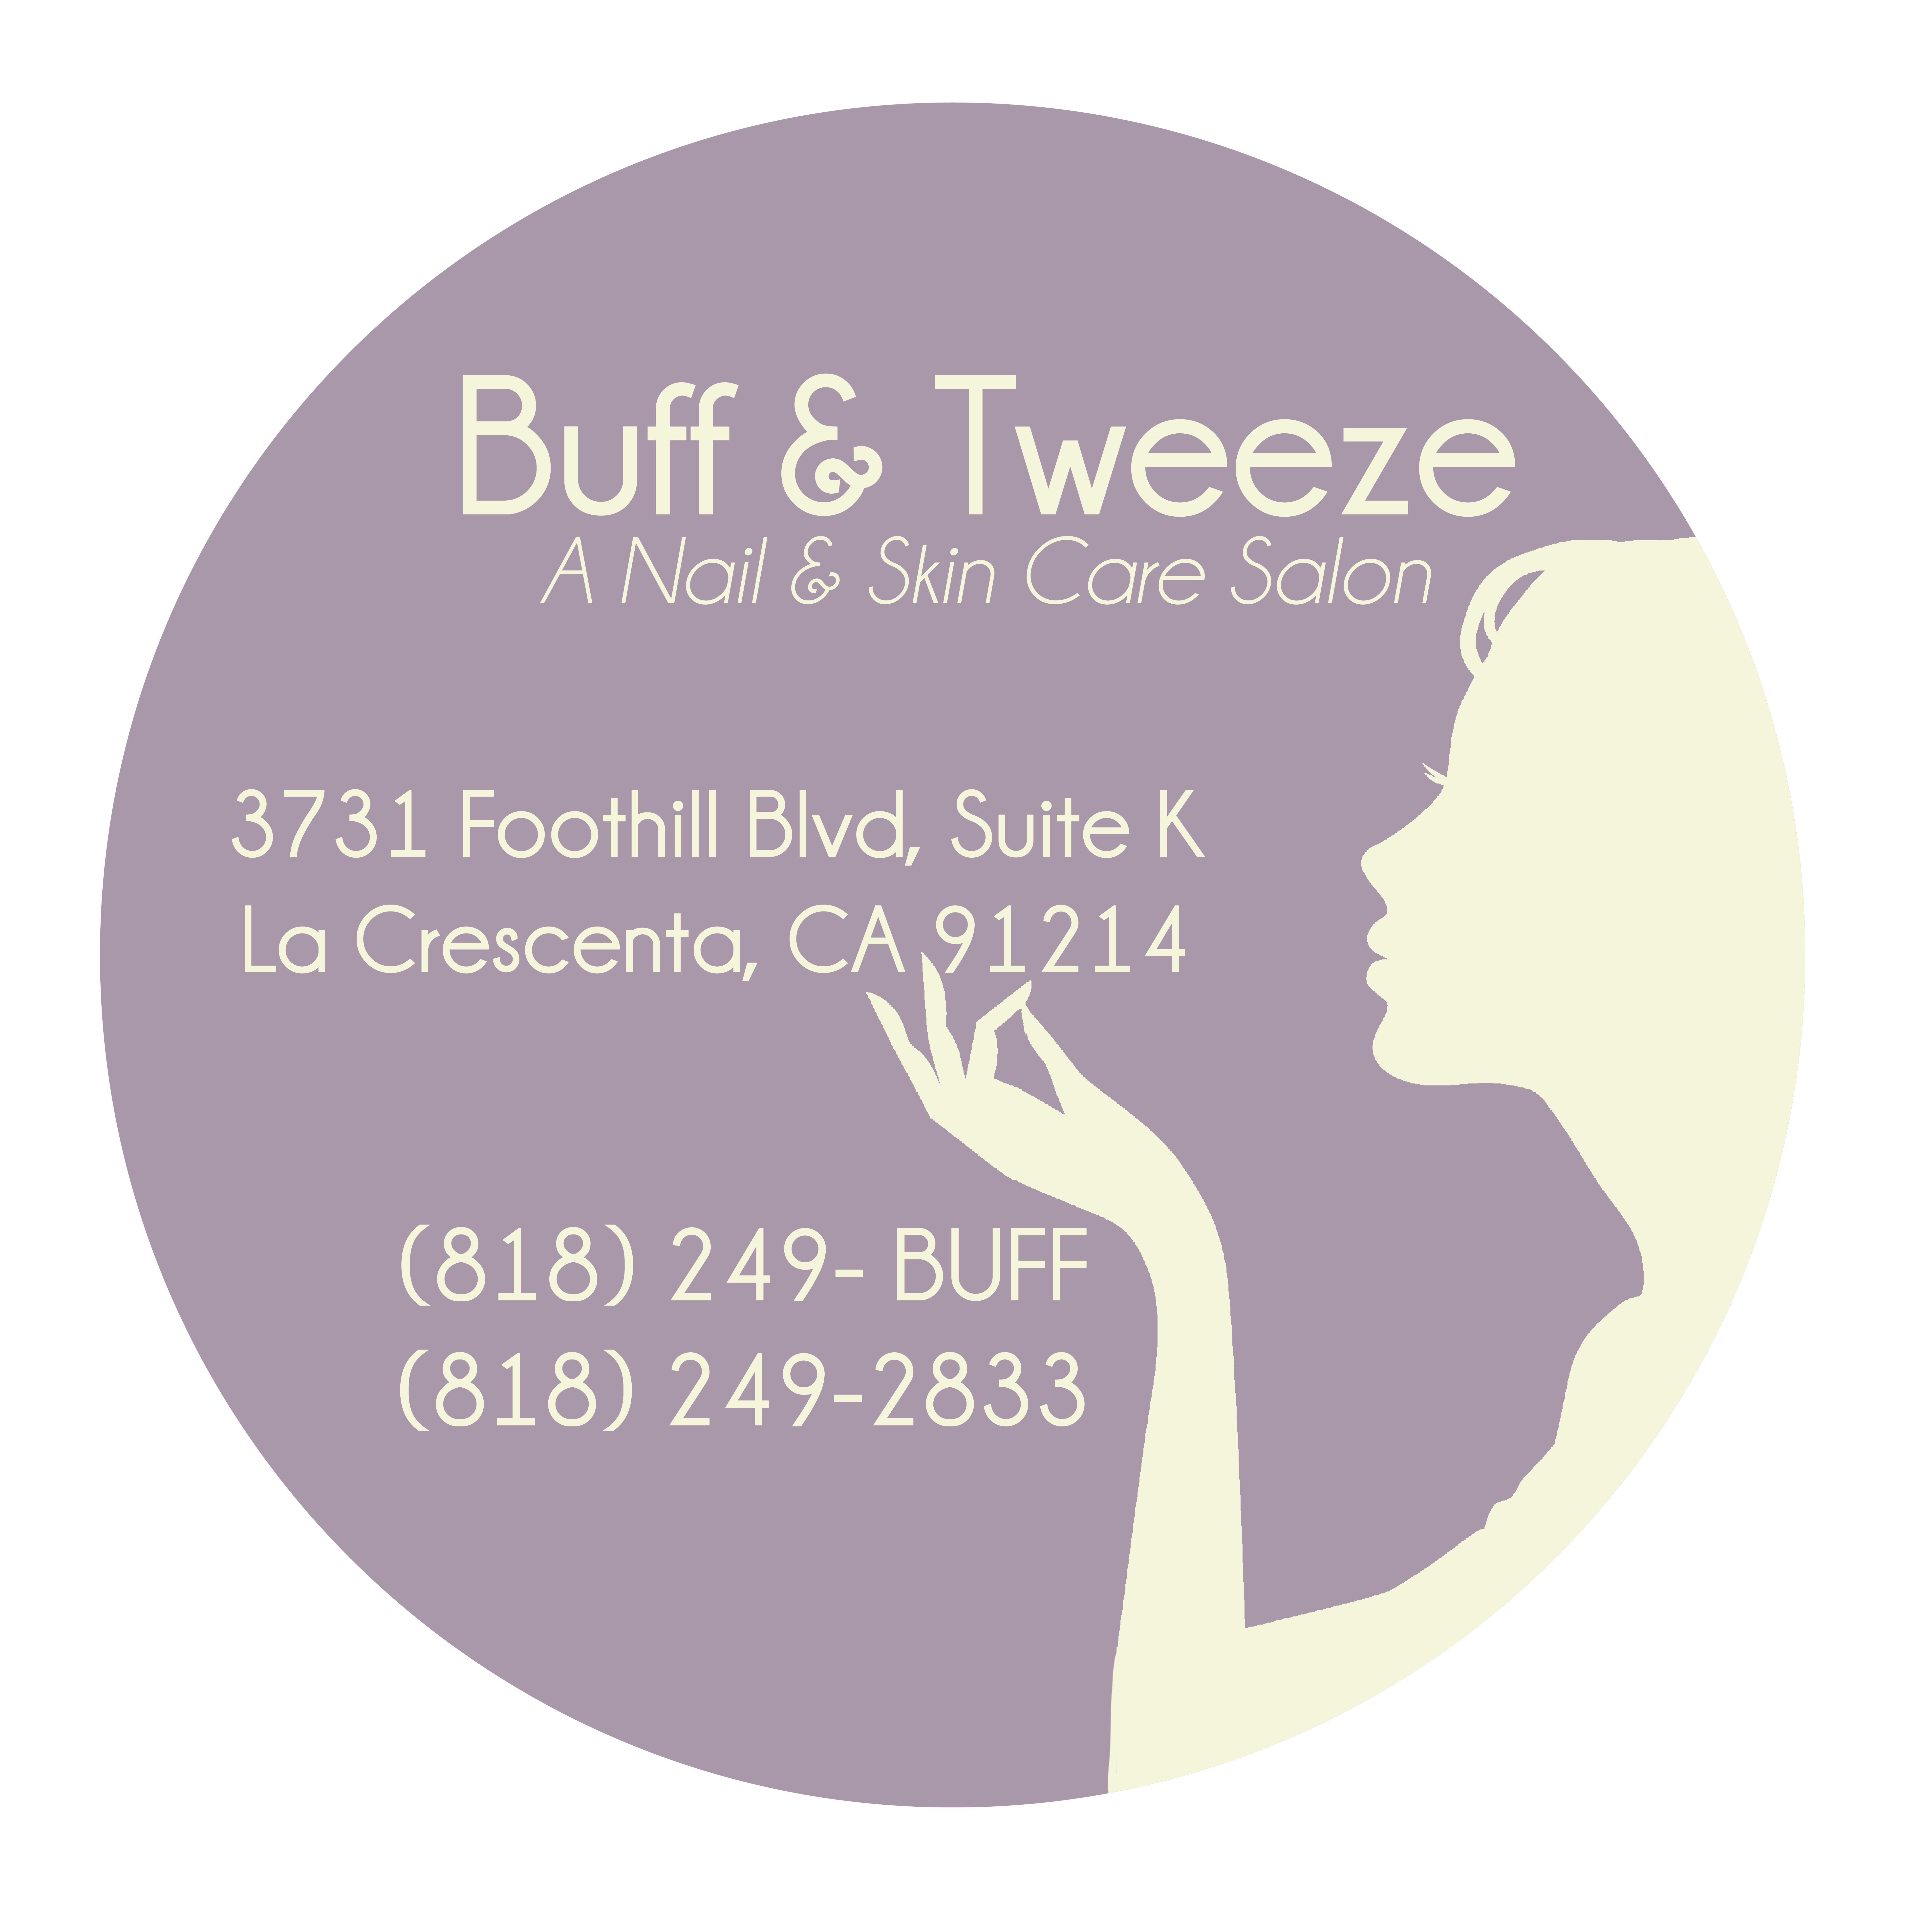 Buff & Tweeze